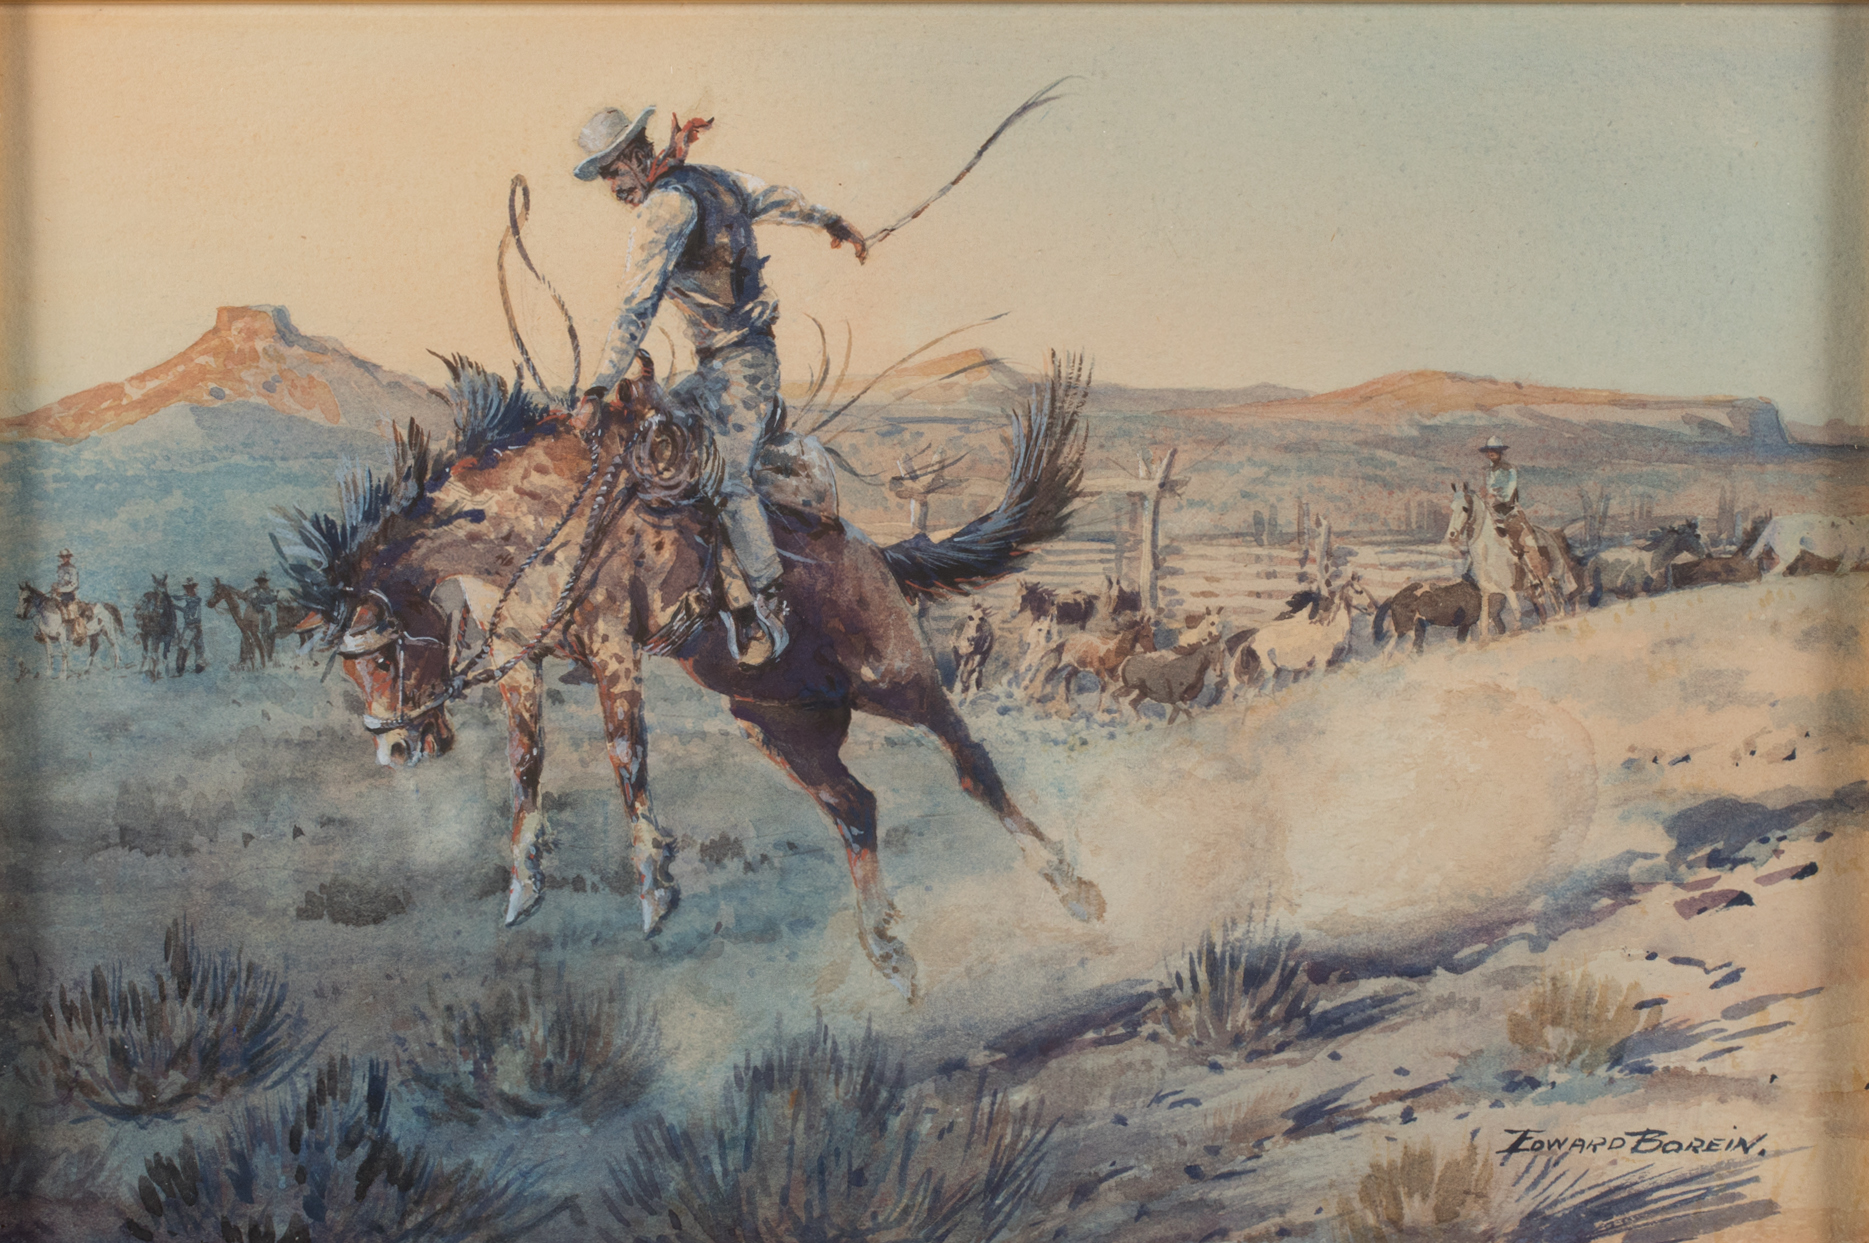 """Edward Borein, A Bucking Bronco,Watercolor ,8 3/4"""" x 13 1/4"""""""